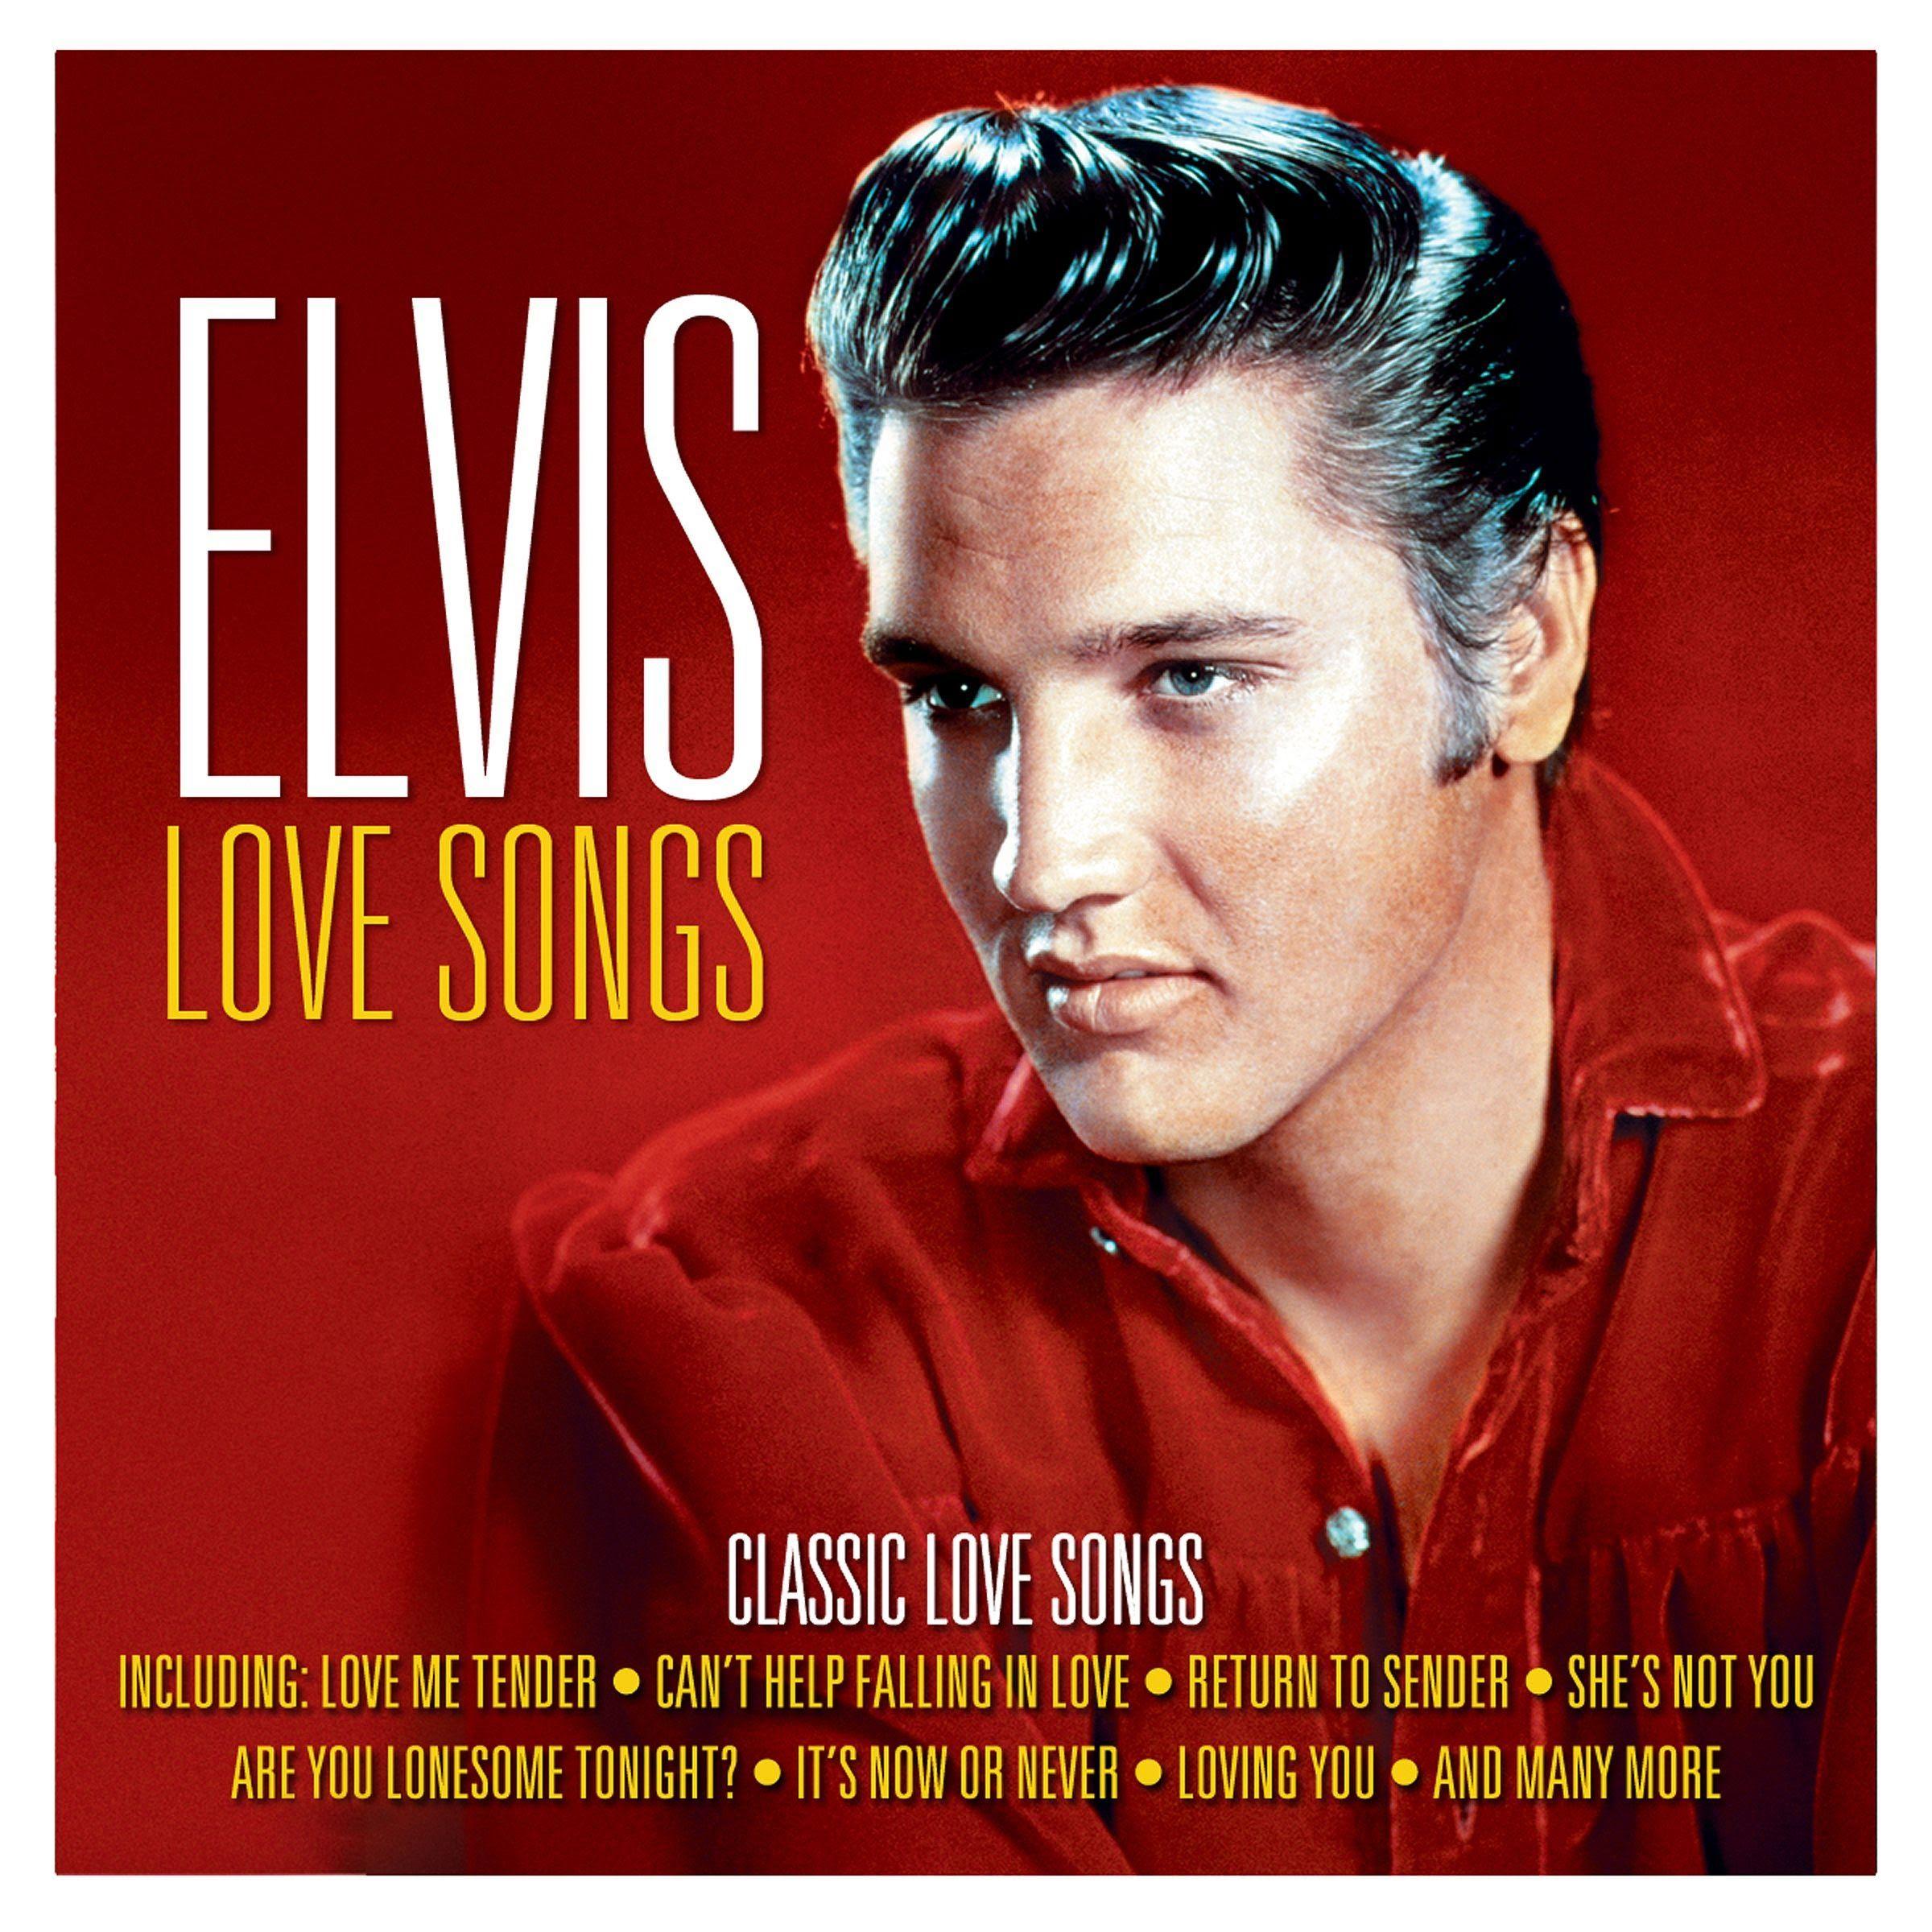 Pin by hana on חנה in 2018   Elvis Presley, Songs, Love songs